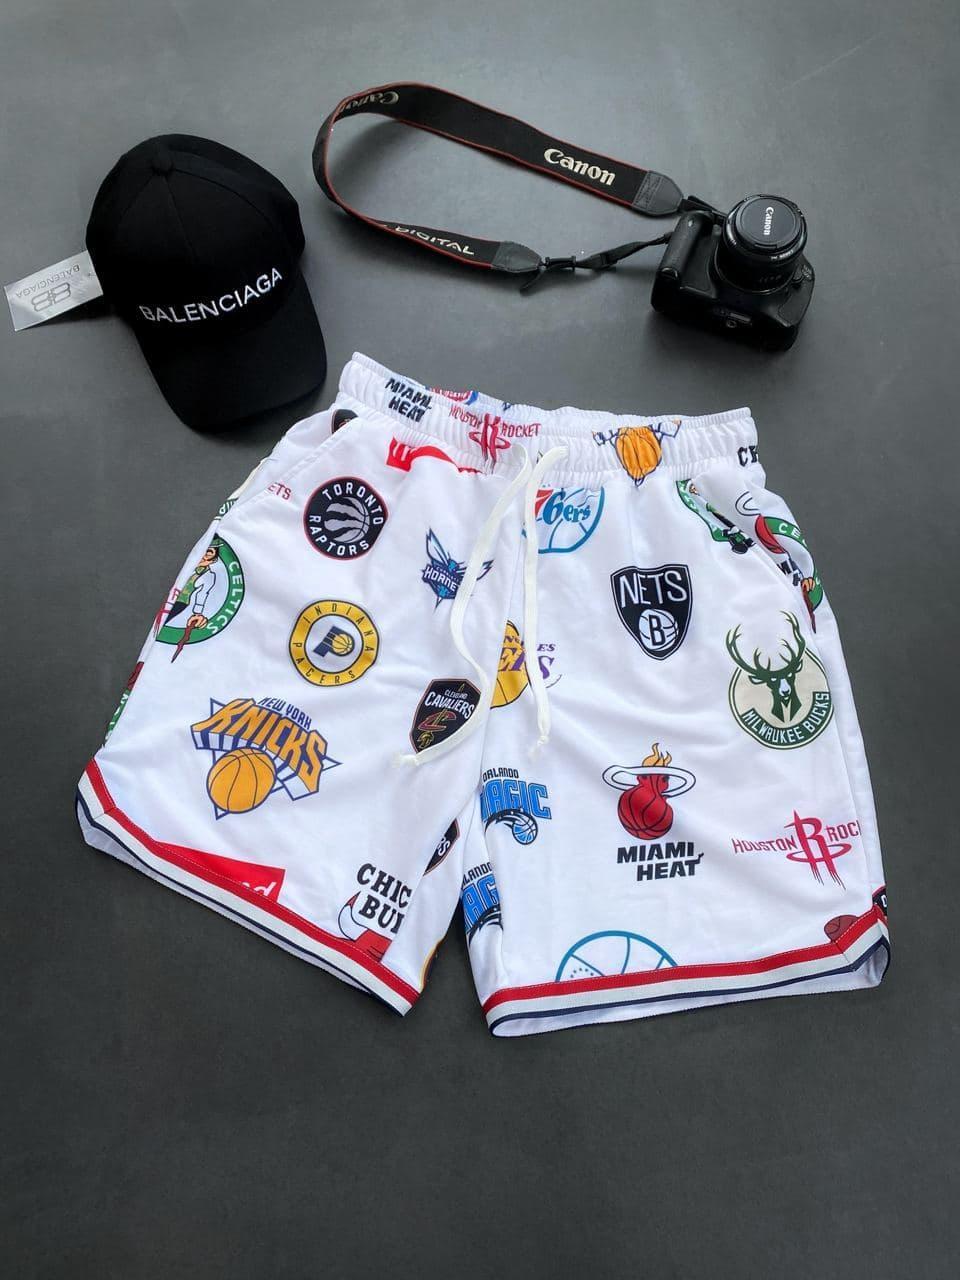 😜 Шорти - Чоловічі шорти / чоловічі шорти на літо спортивні білі з емблемами